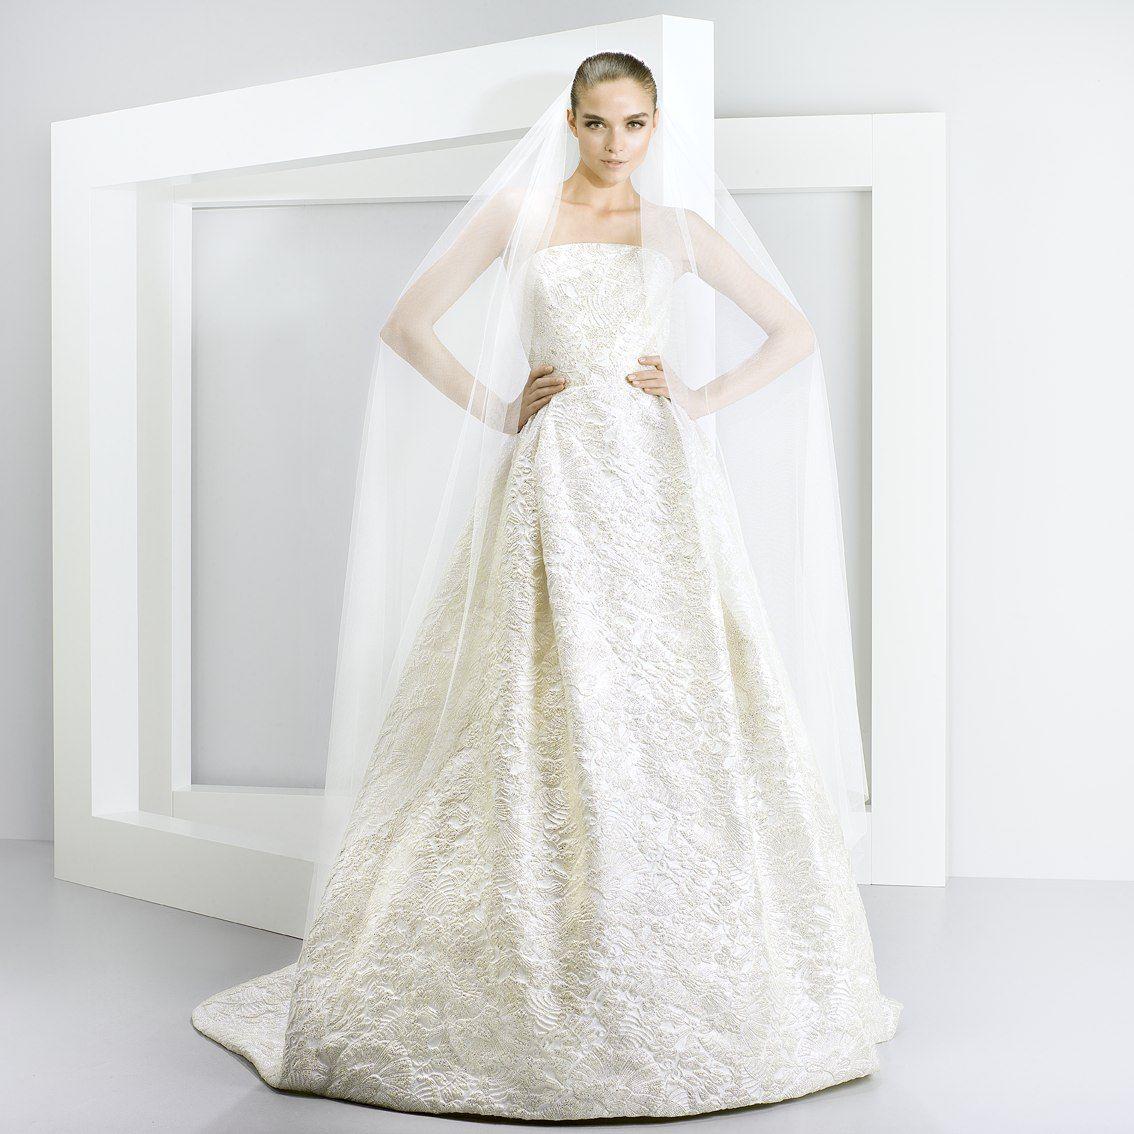 The White Room Jesus Peiro Wedding Dresses | Jesus Peiro Designer ...